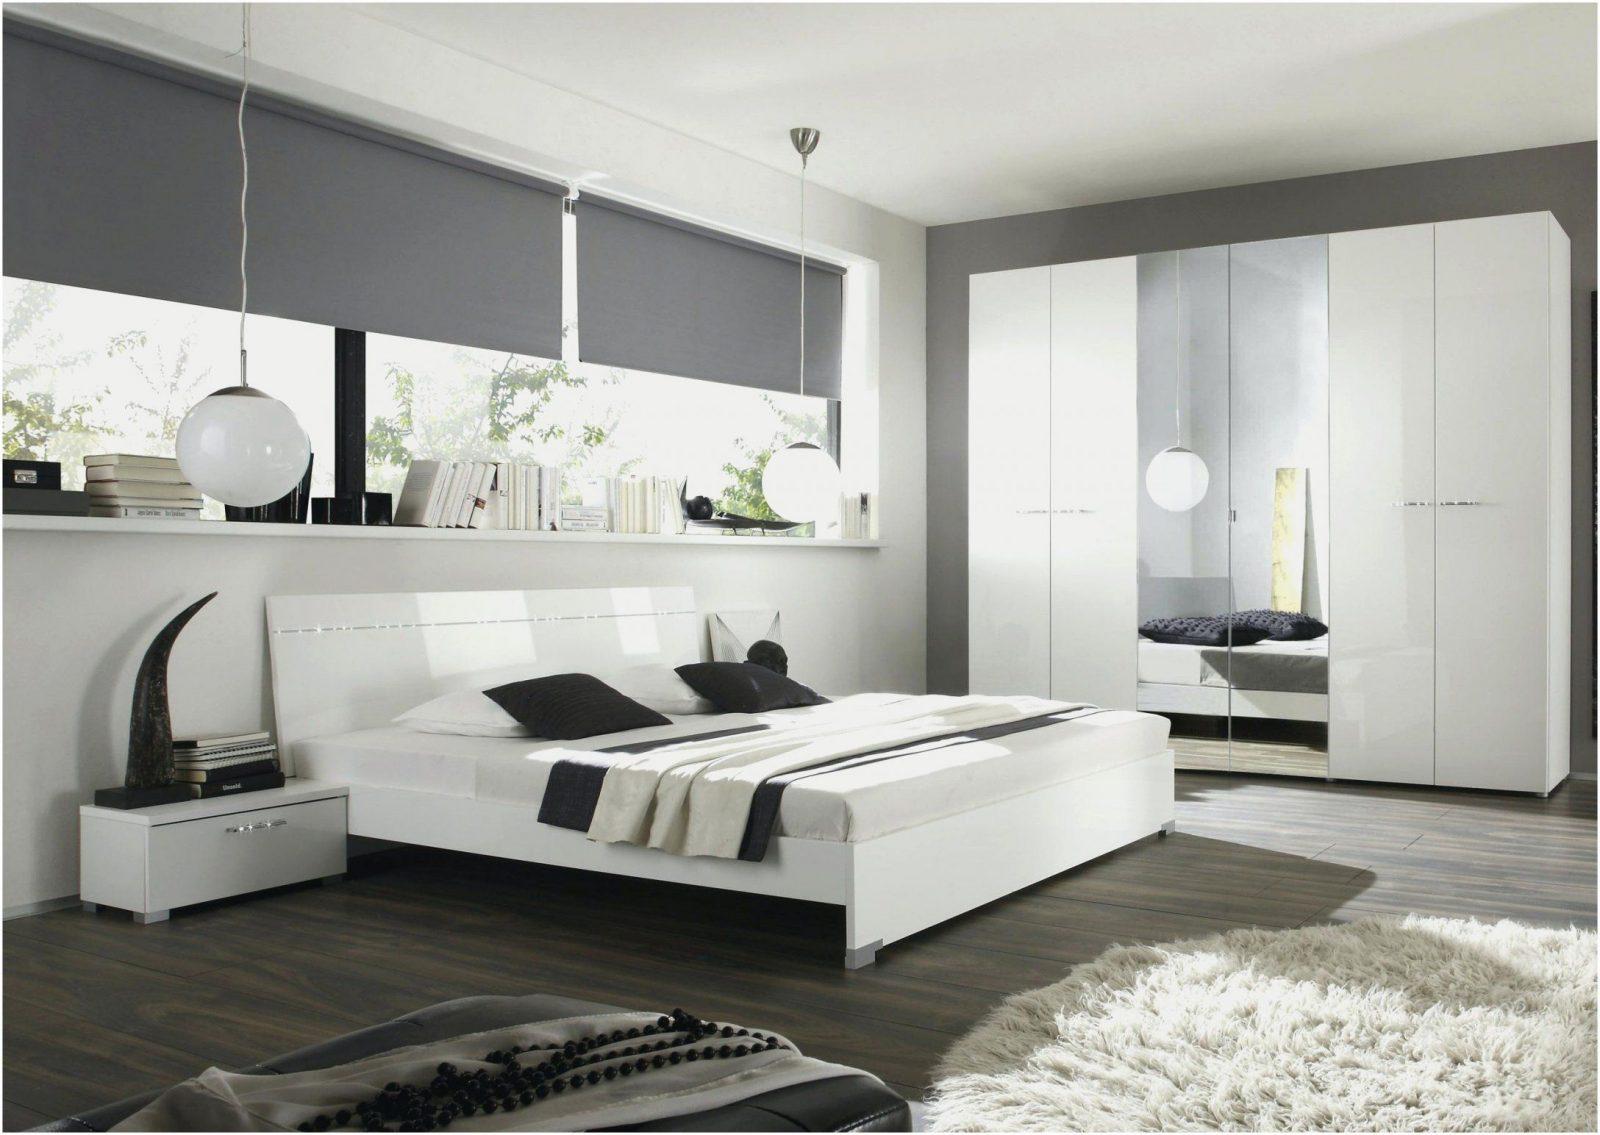 Blaue Wandfarbe Graue Möbel New Wohnzimmer Beige Braun 17 Wohnideen von Graue Möbel Welche Wandfarbe Photo